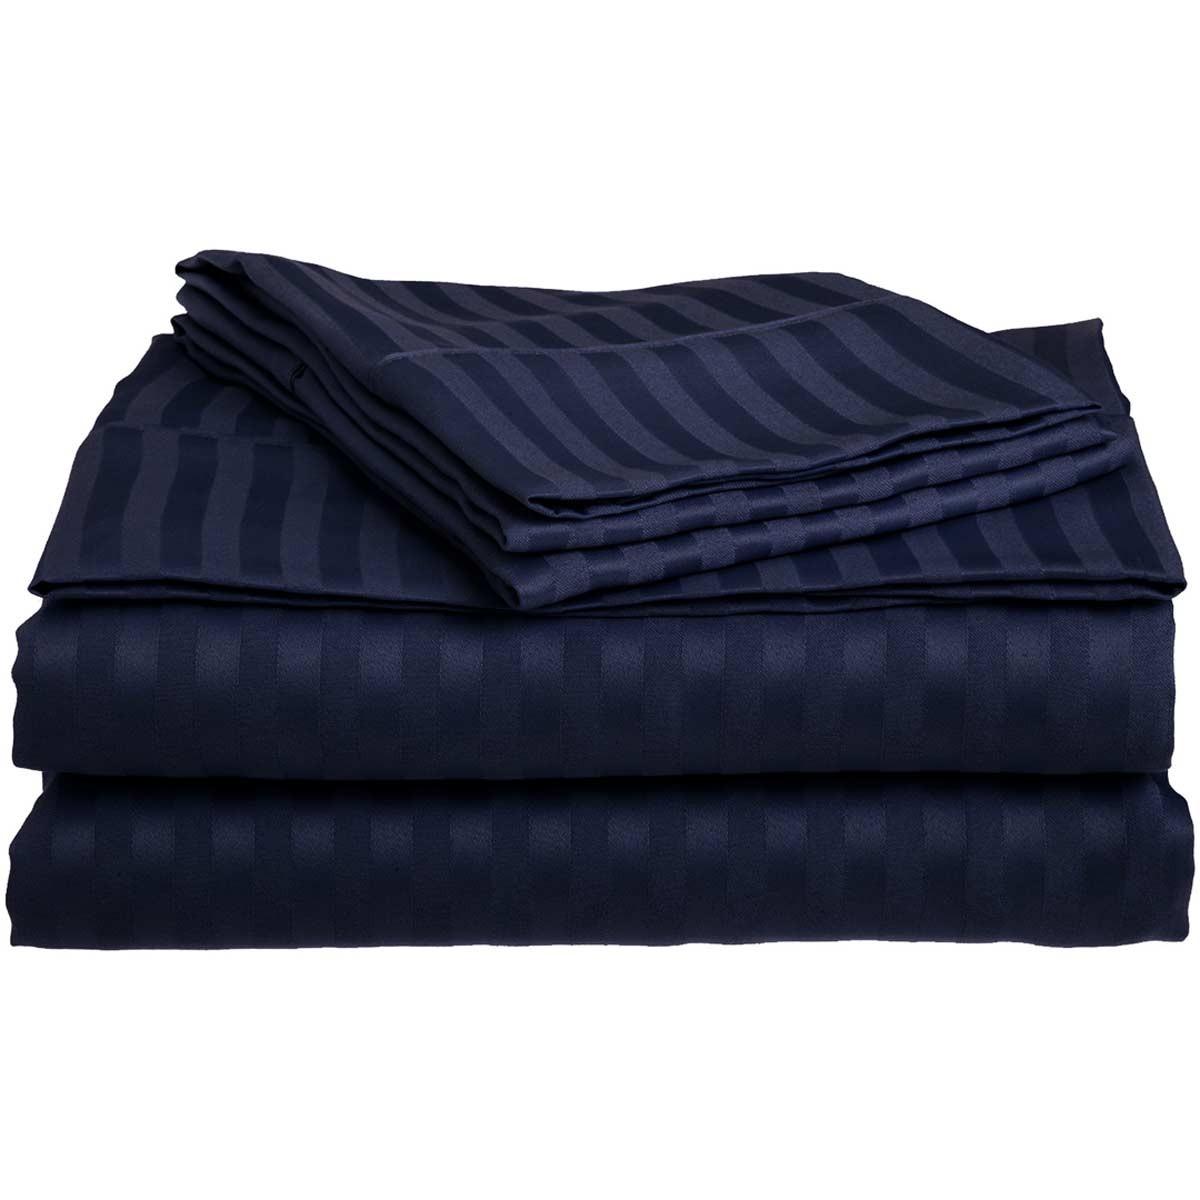 Σεντόνια Υπέρδιπλα (Σετ) 400+ By Bedwall Satin Stripe Blue